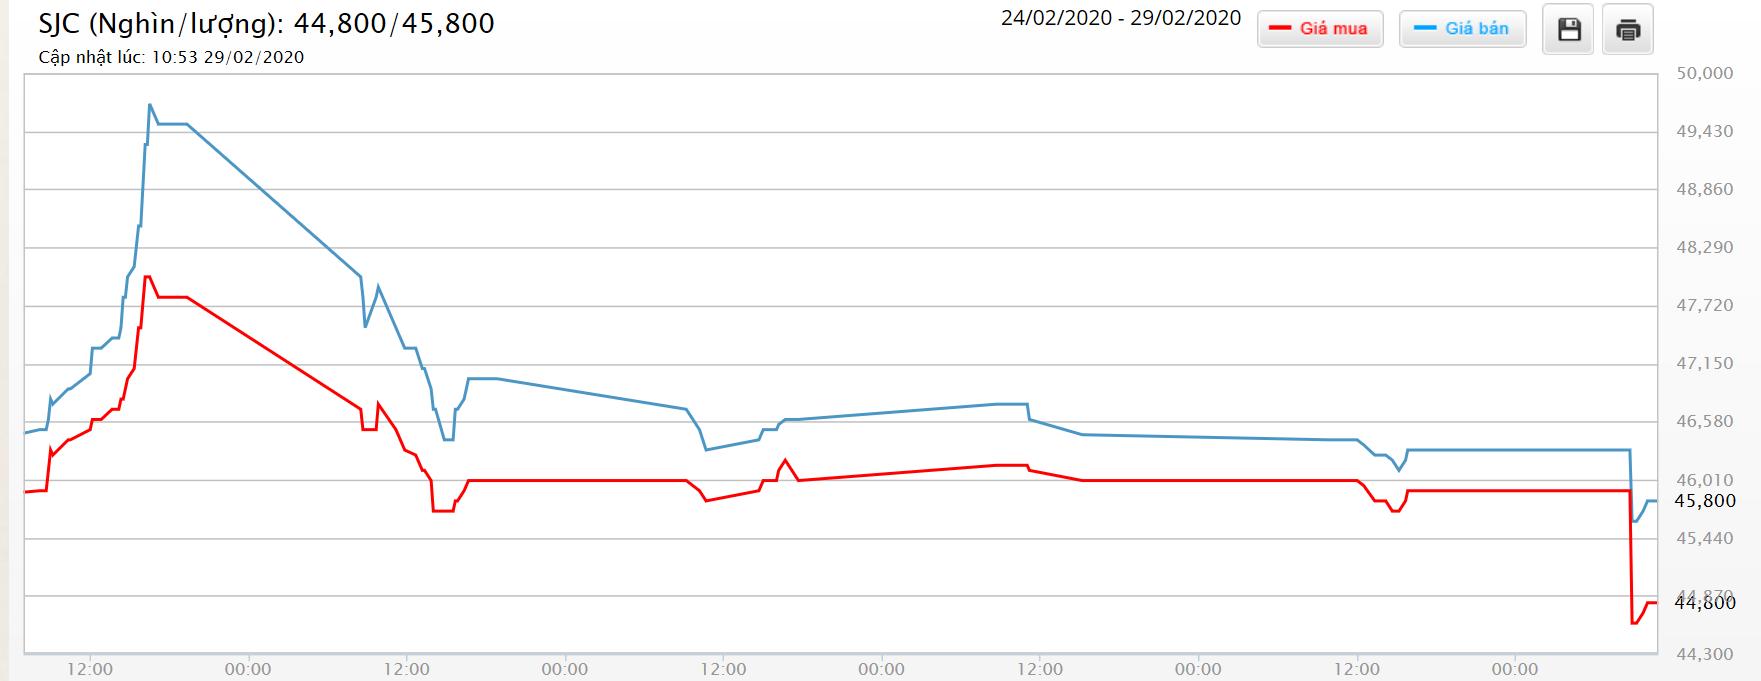 Giá vàng hôm nay 1/3: SJC mất cả triệu đồng ngay trong tuần phá kỉ lục - Ảnh 1.